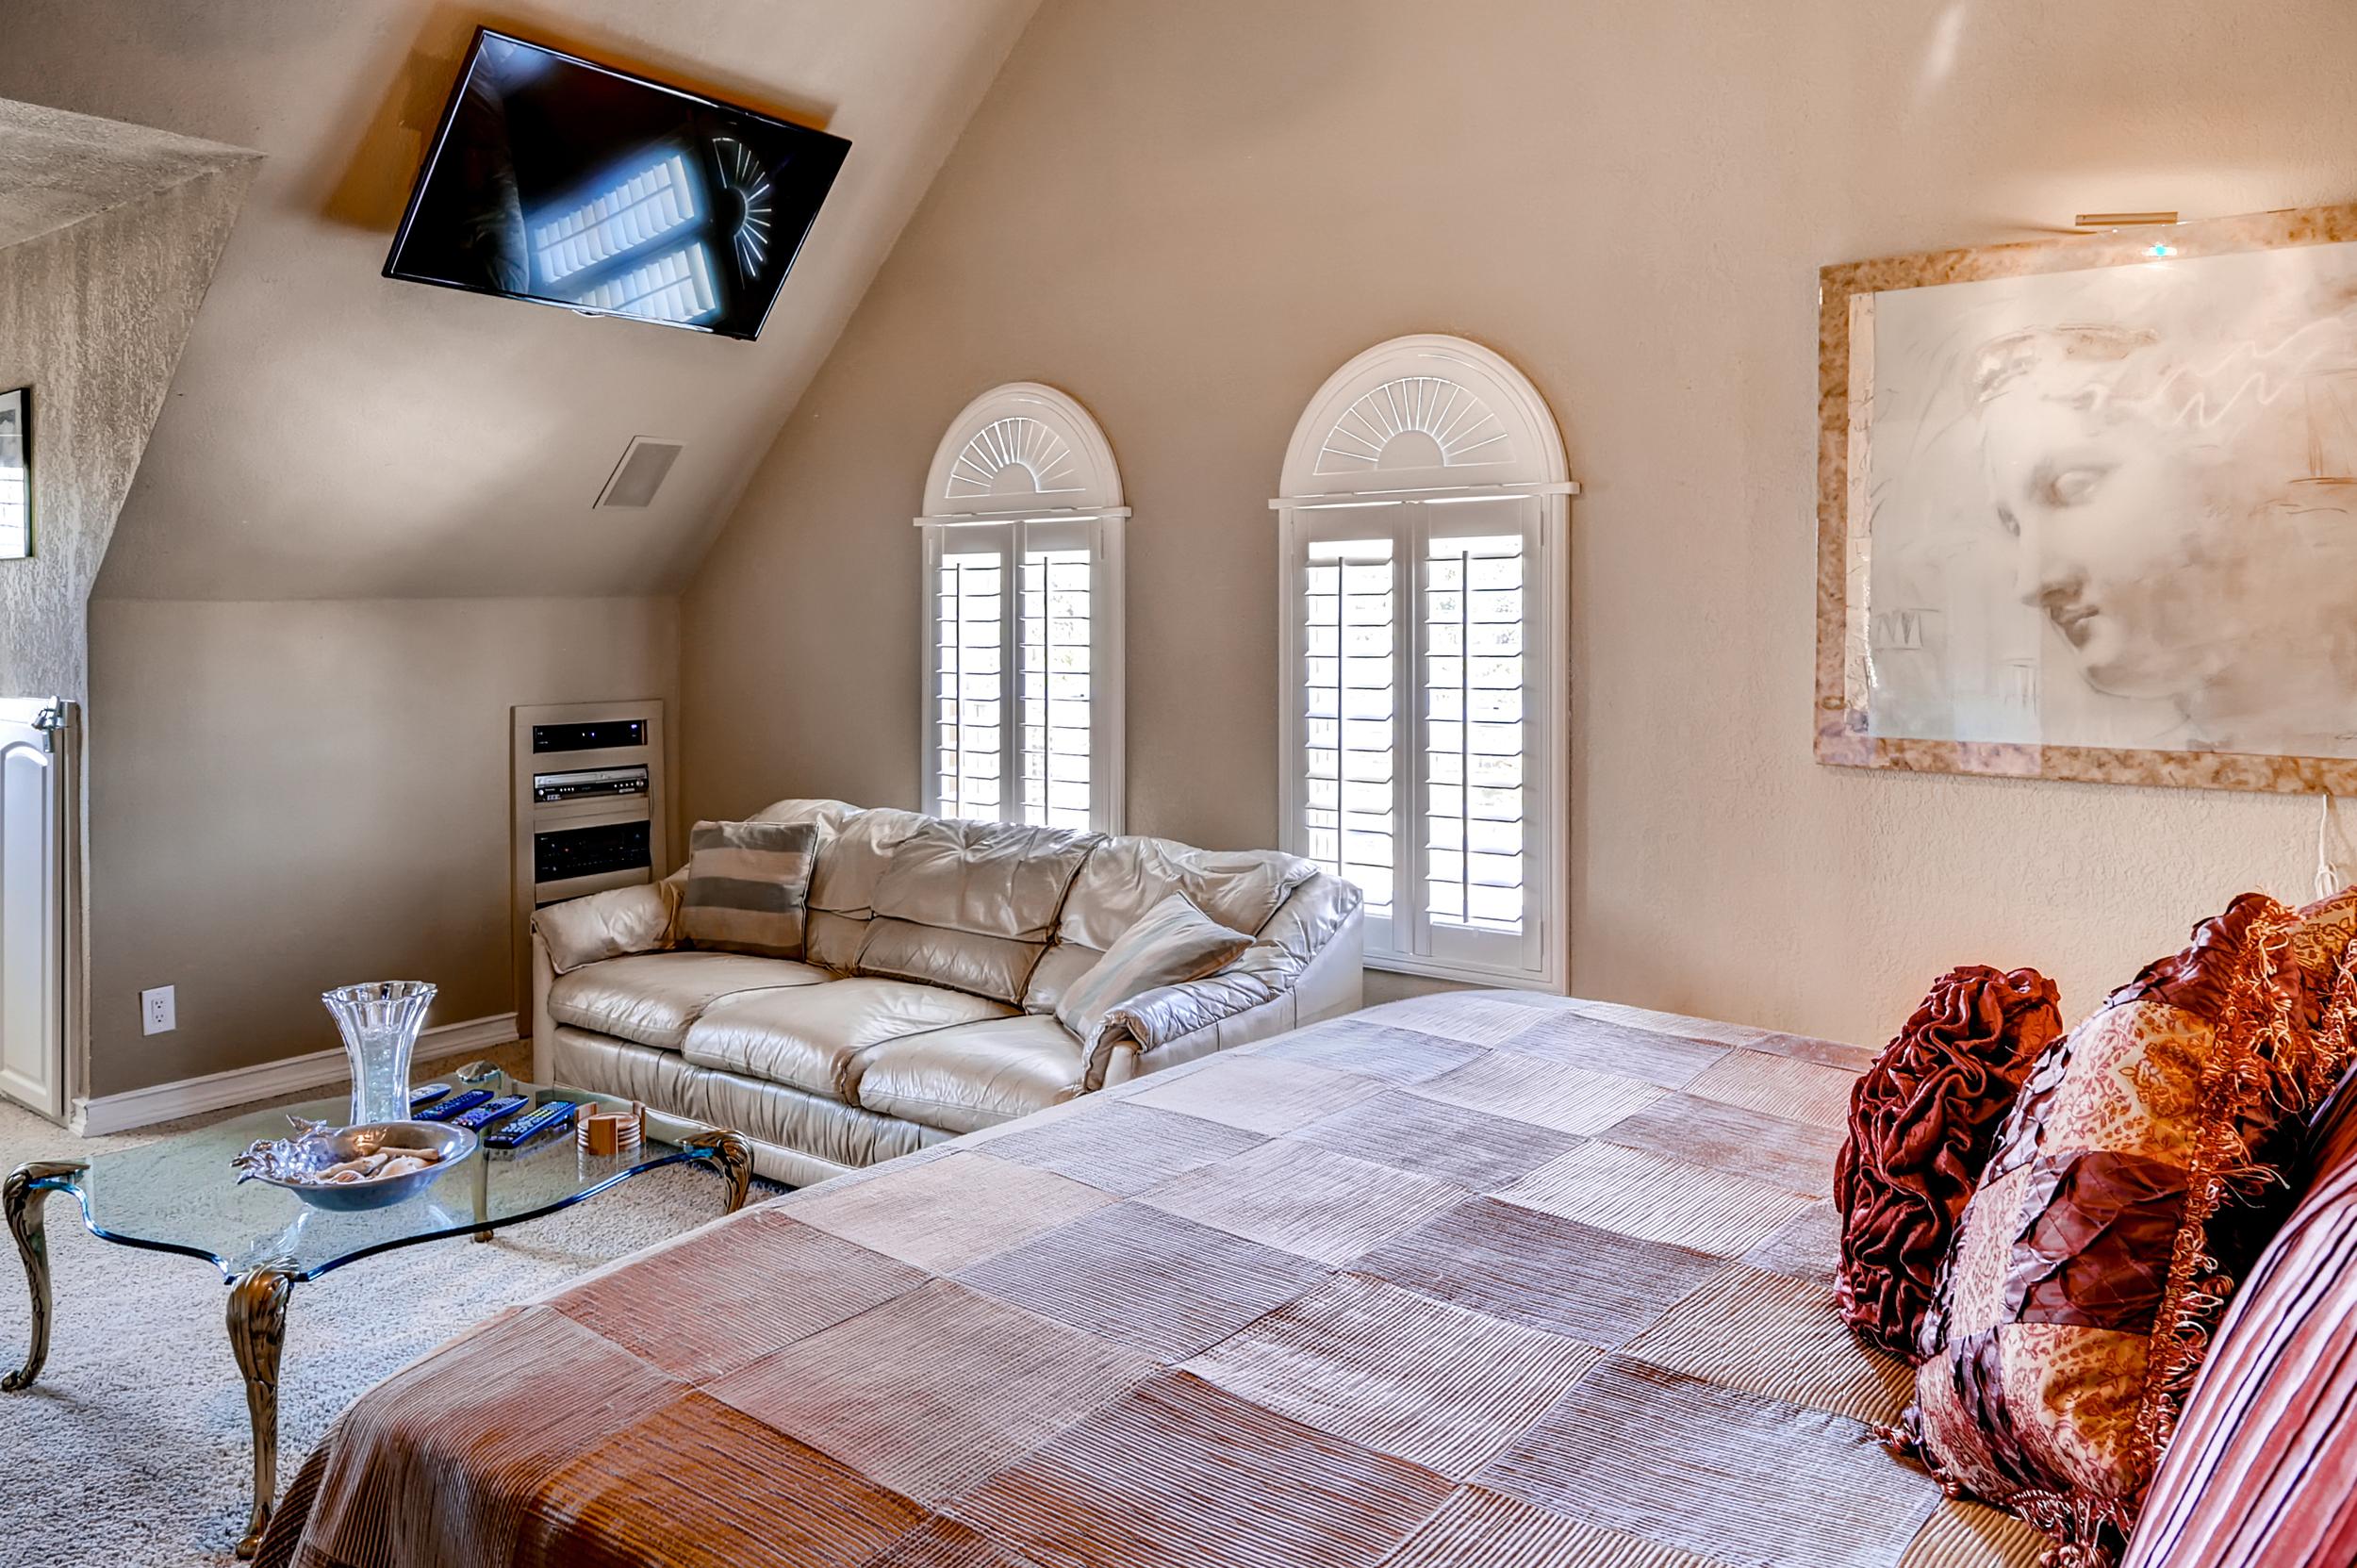 QuintilianiTamra - Bedroom 3 - Copy.jpg